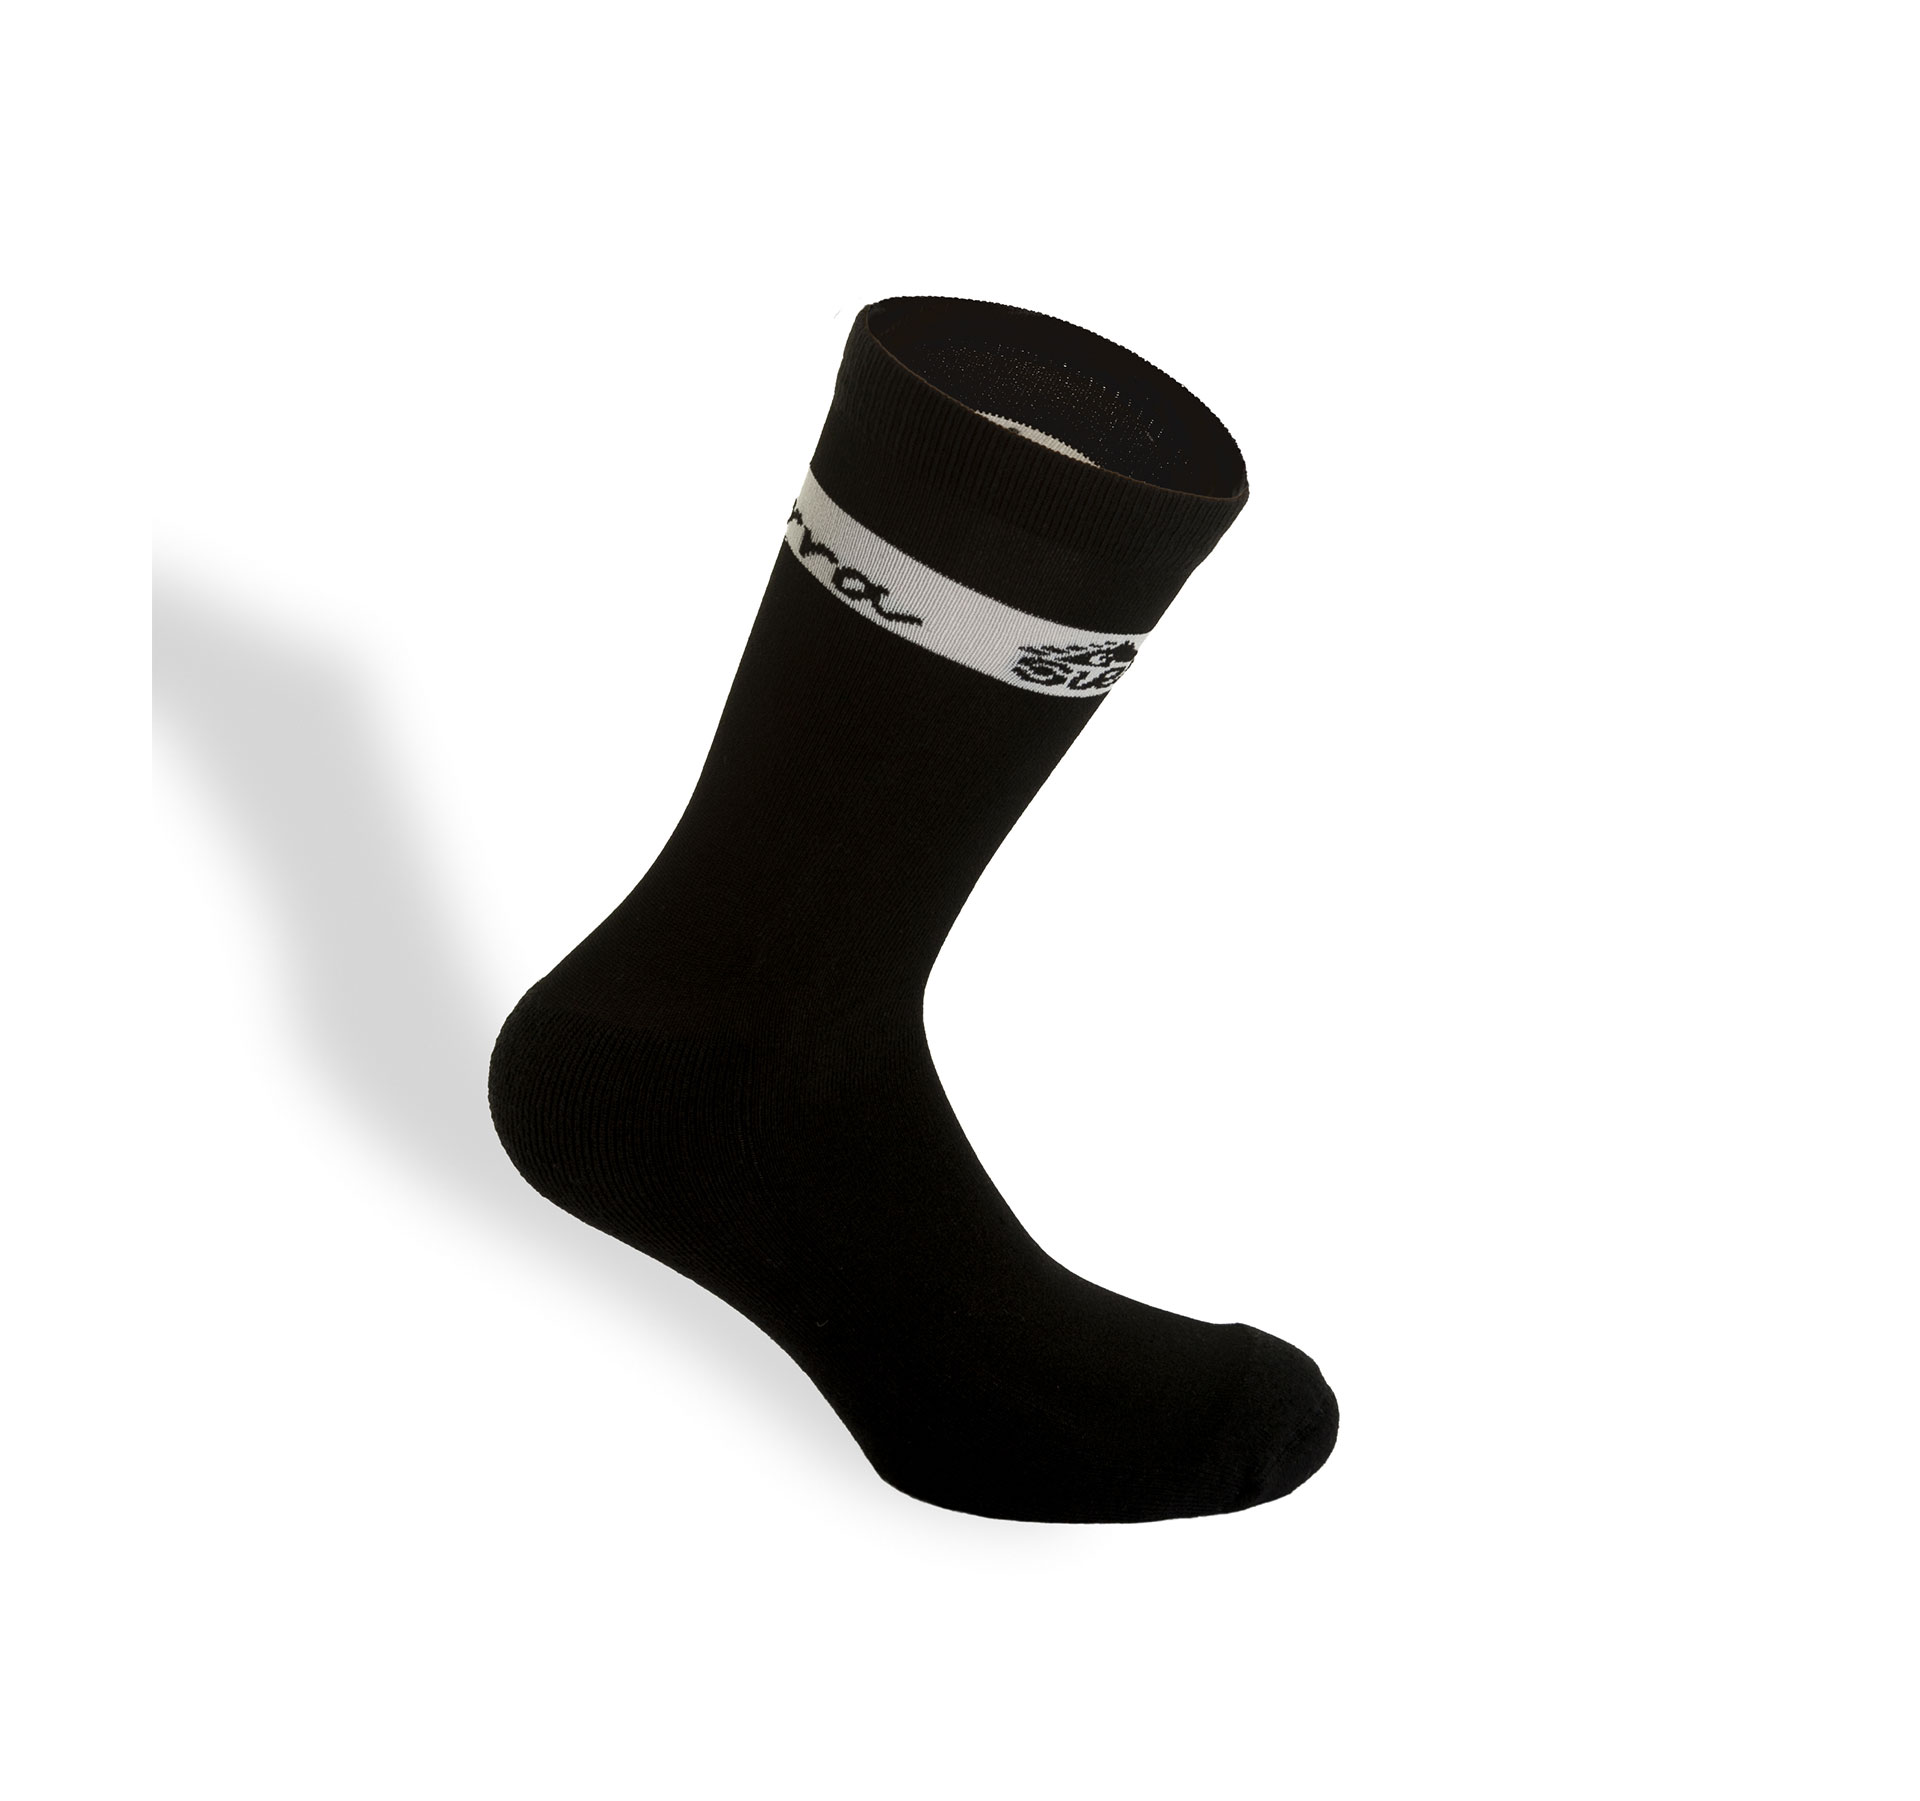 produzione di calze per equitazione